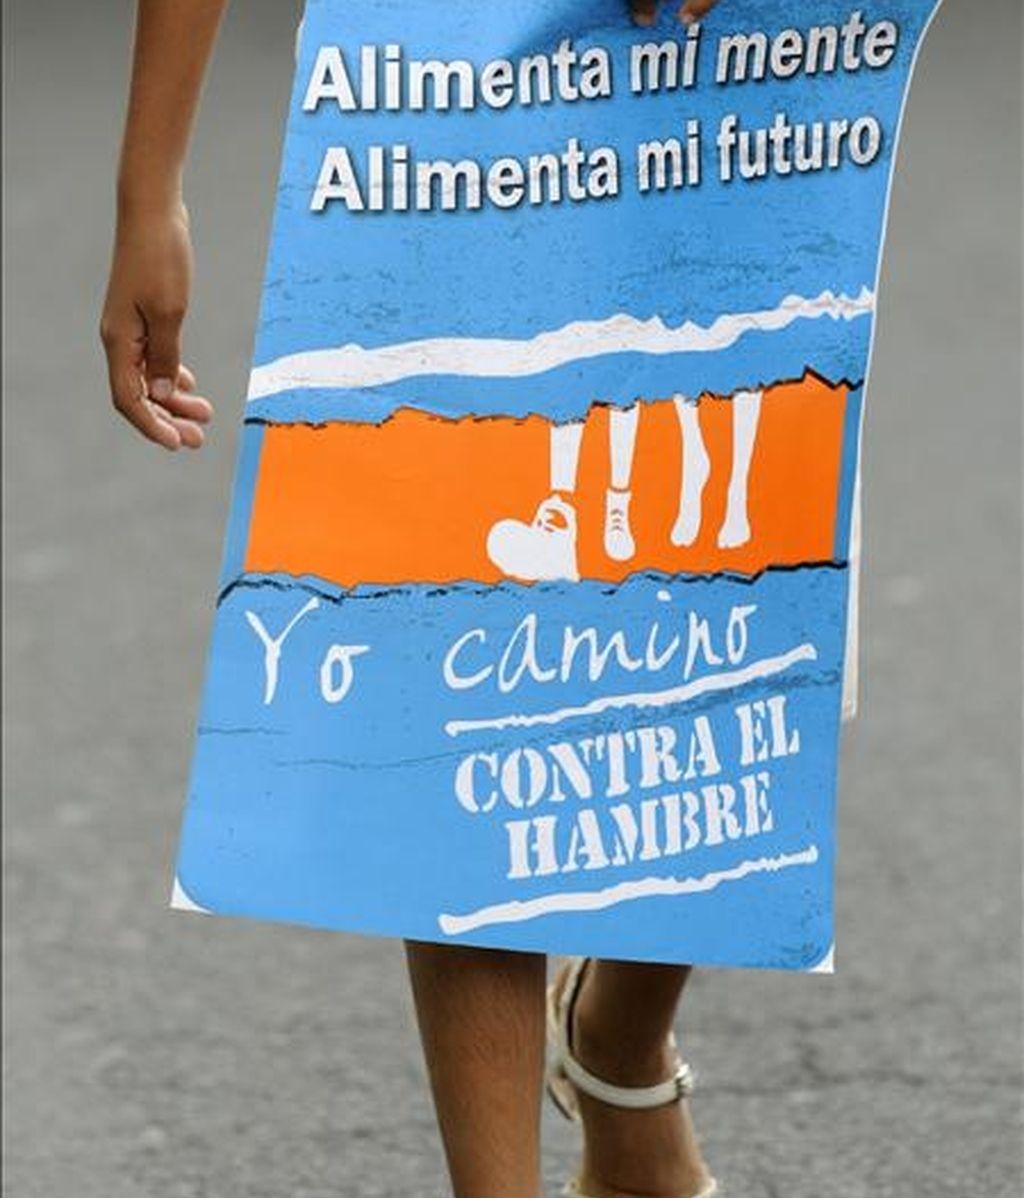 La incidencia de la desnutrición crónica infantil alcanza al 52 por ciento de los menores de cinco años en la provincia de Chimborazo. EFE/Archivo